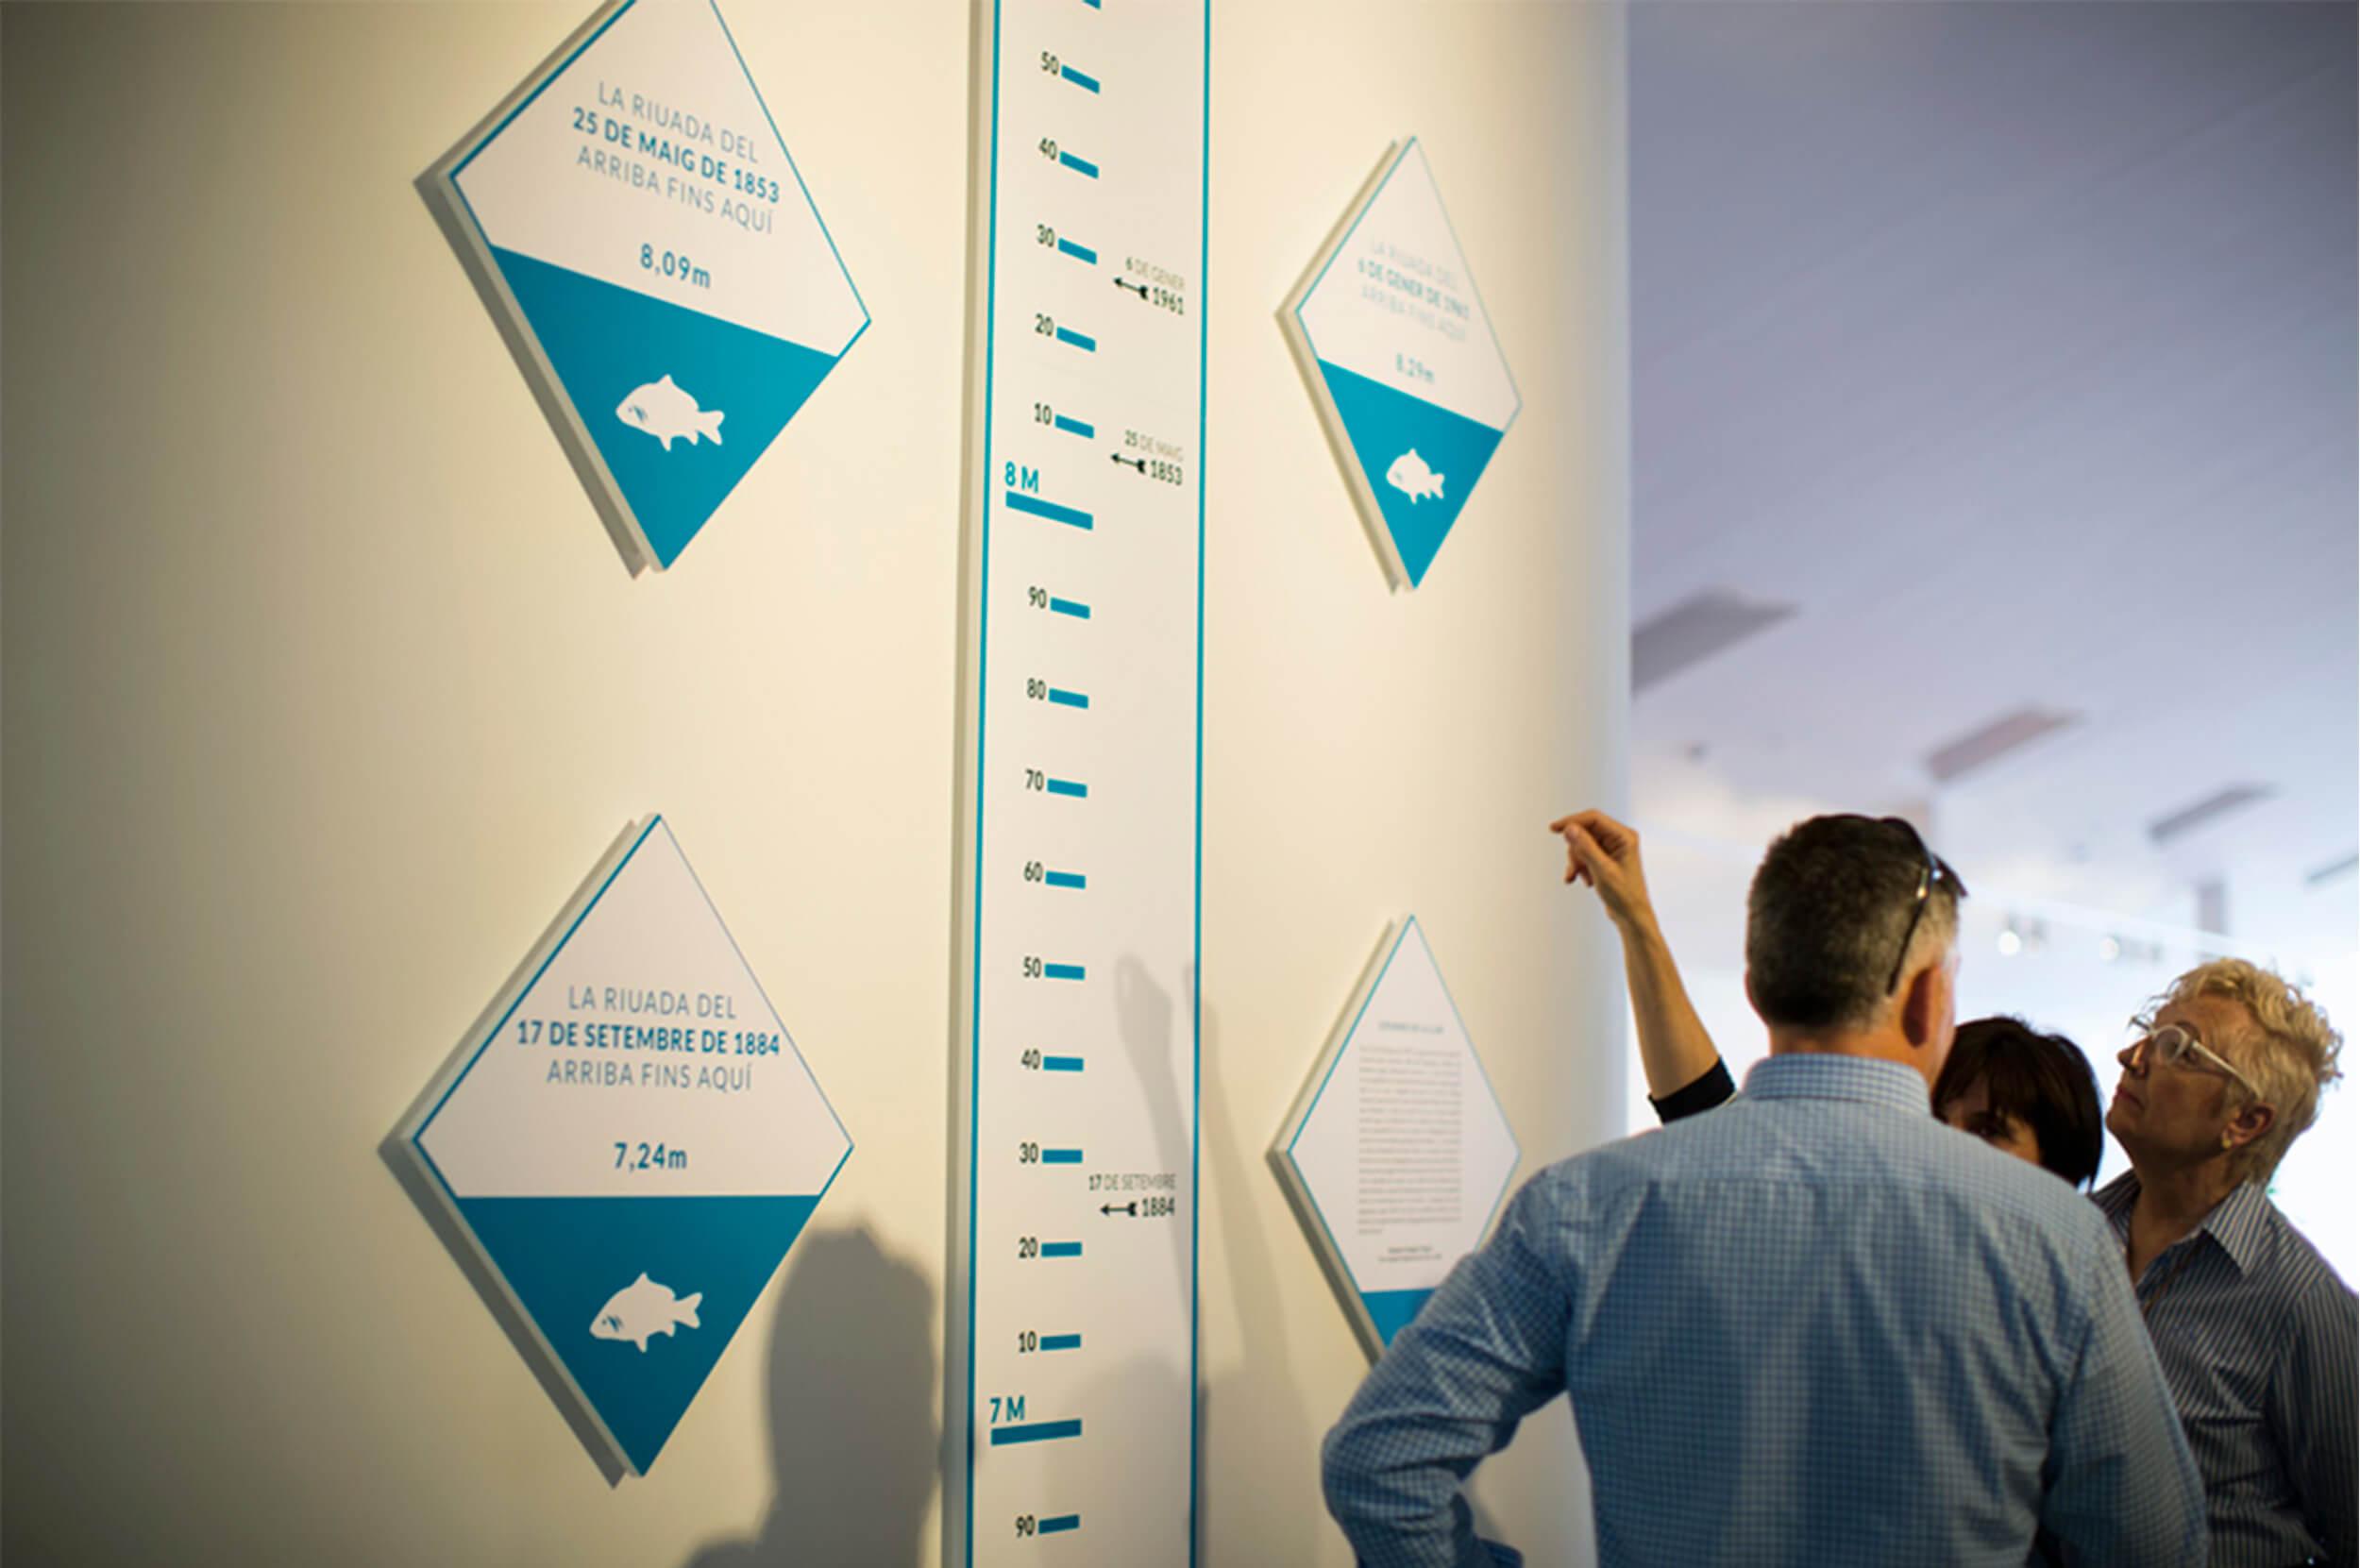 Diseño de gráfica expositiva para el Centre Ebre Terra